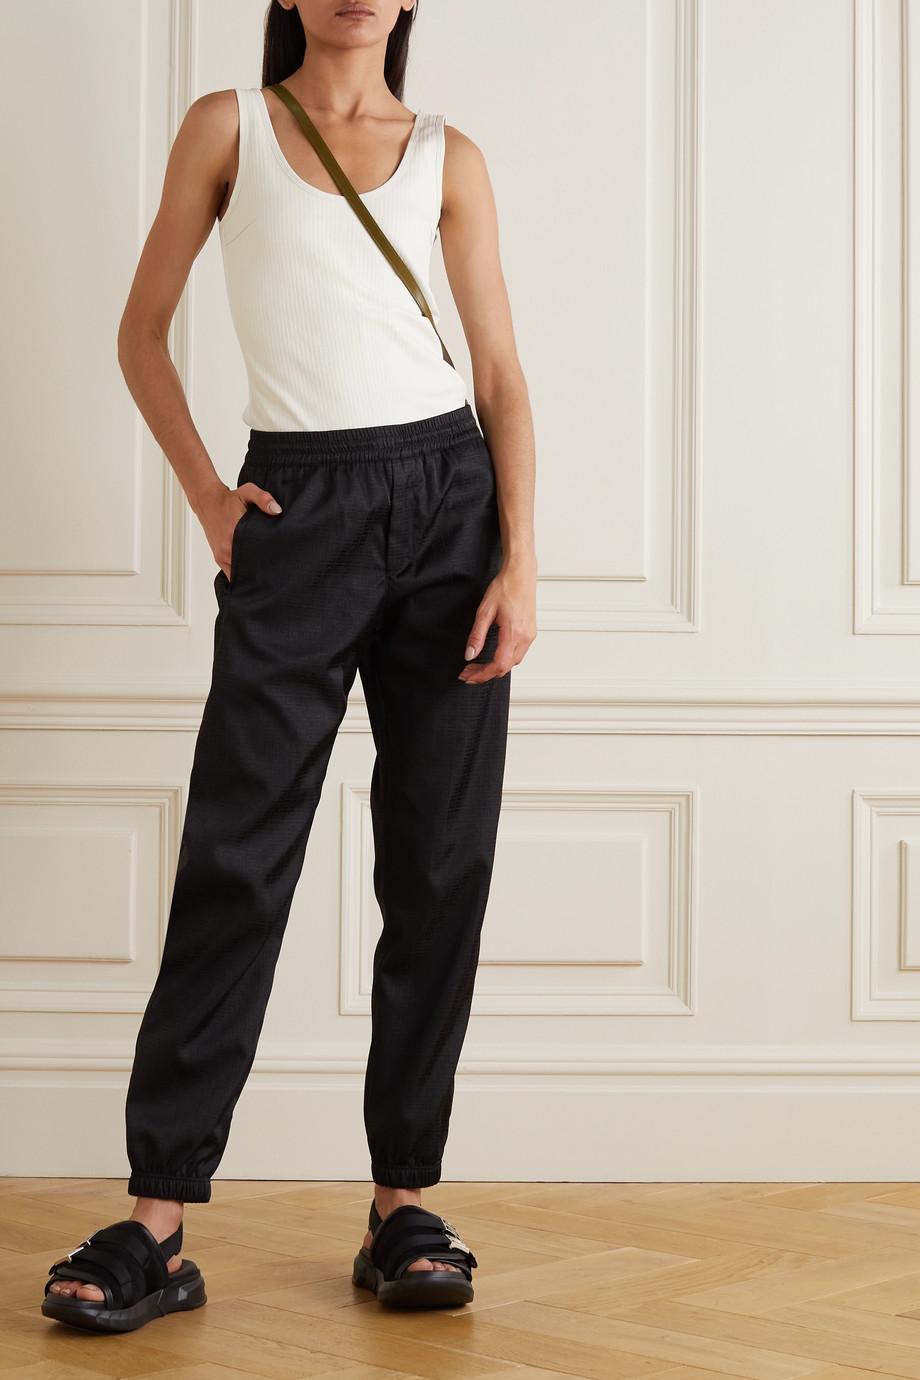 Givenchy Pantalon de survêtement en jacquard de tissu technique